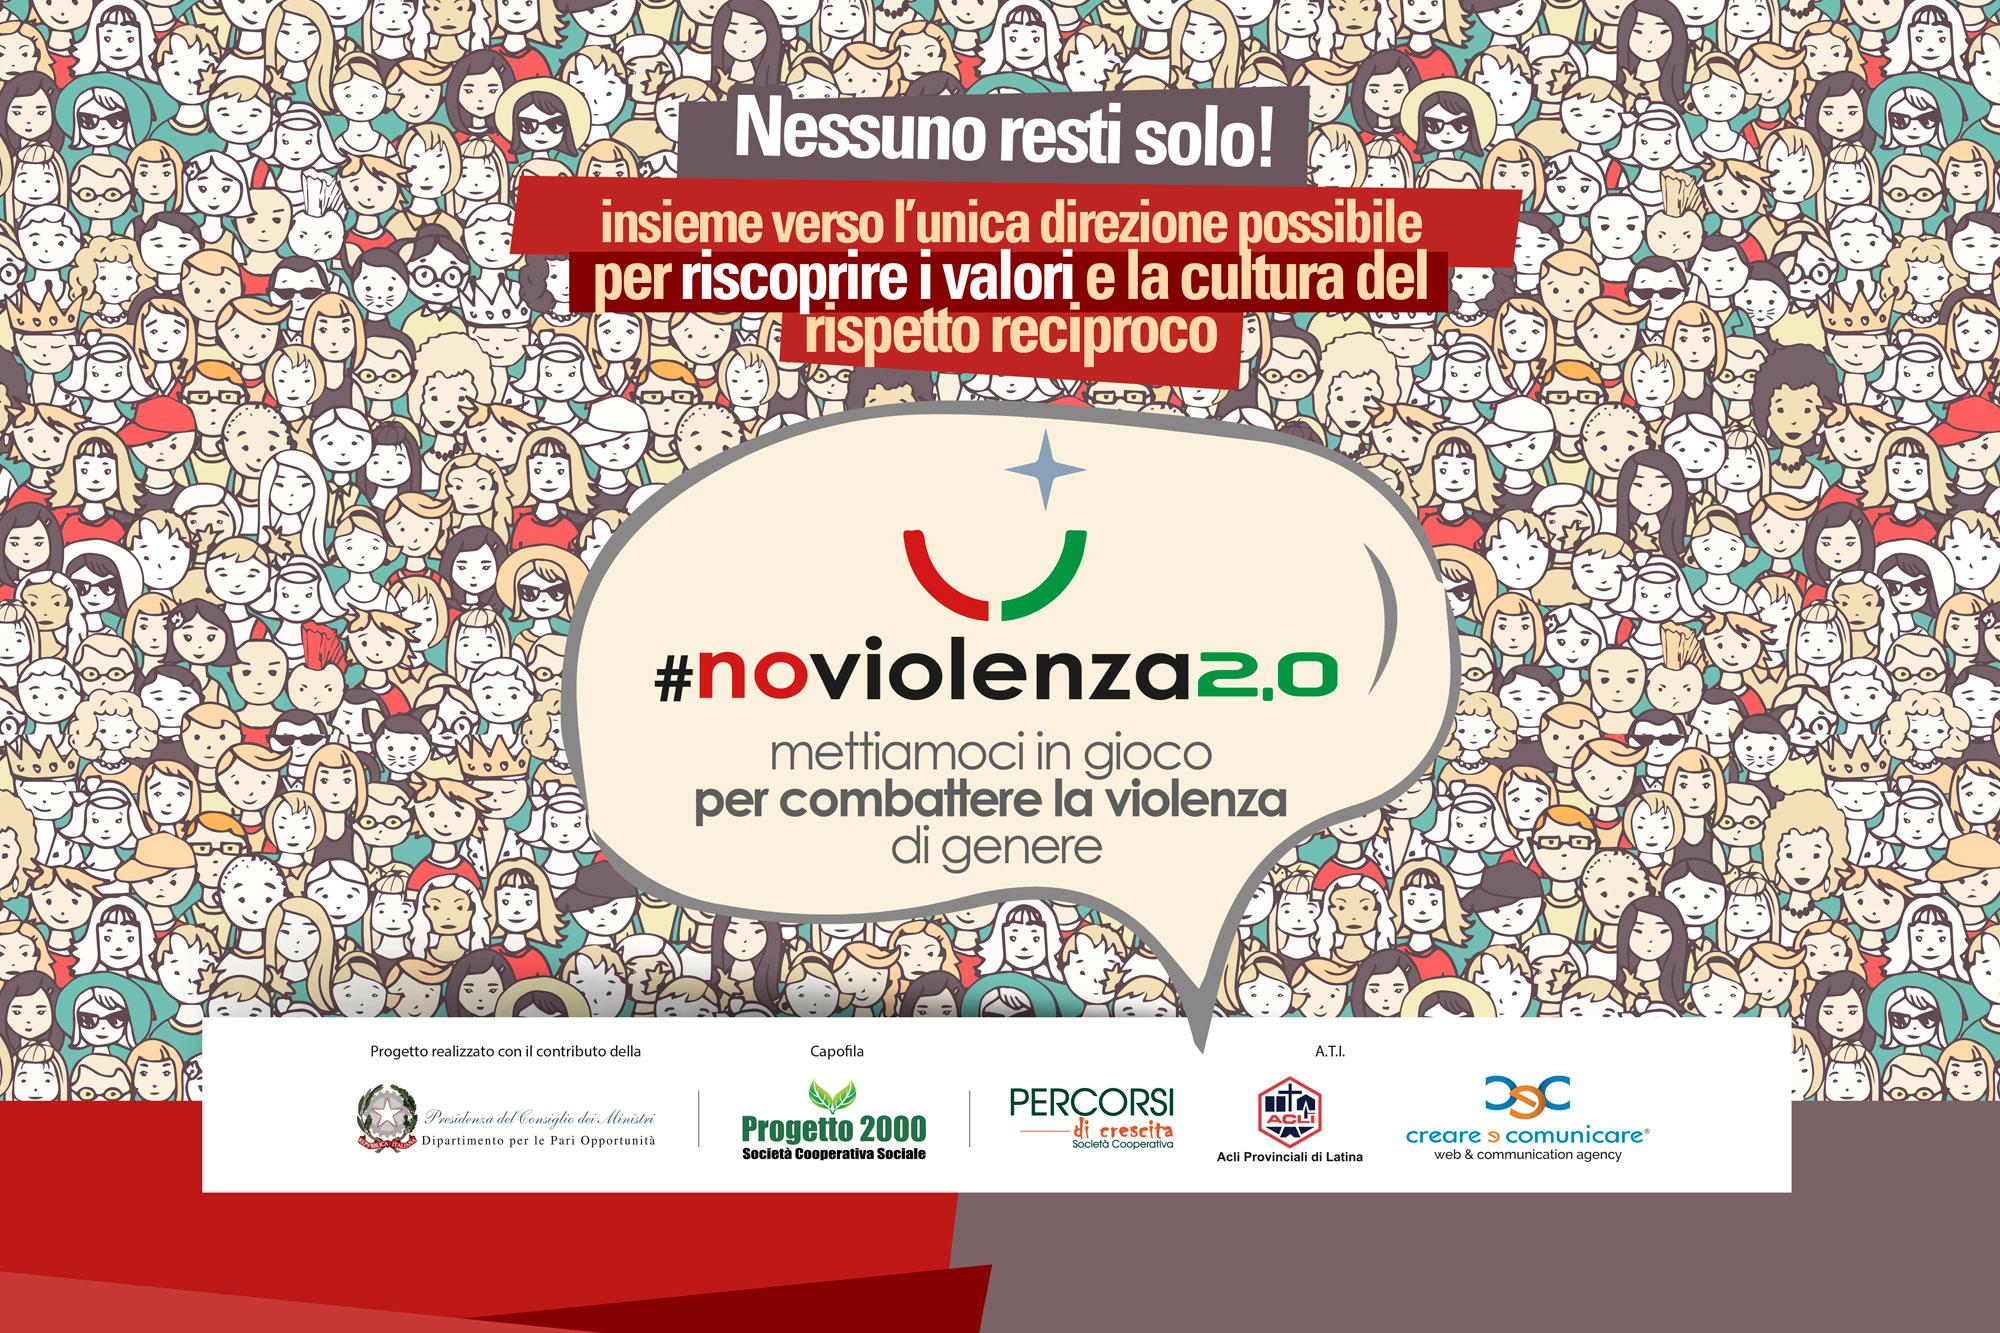 #noviolenza2.0